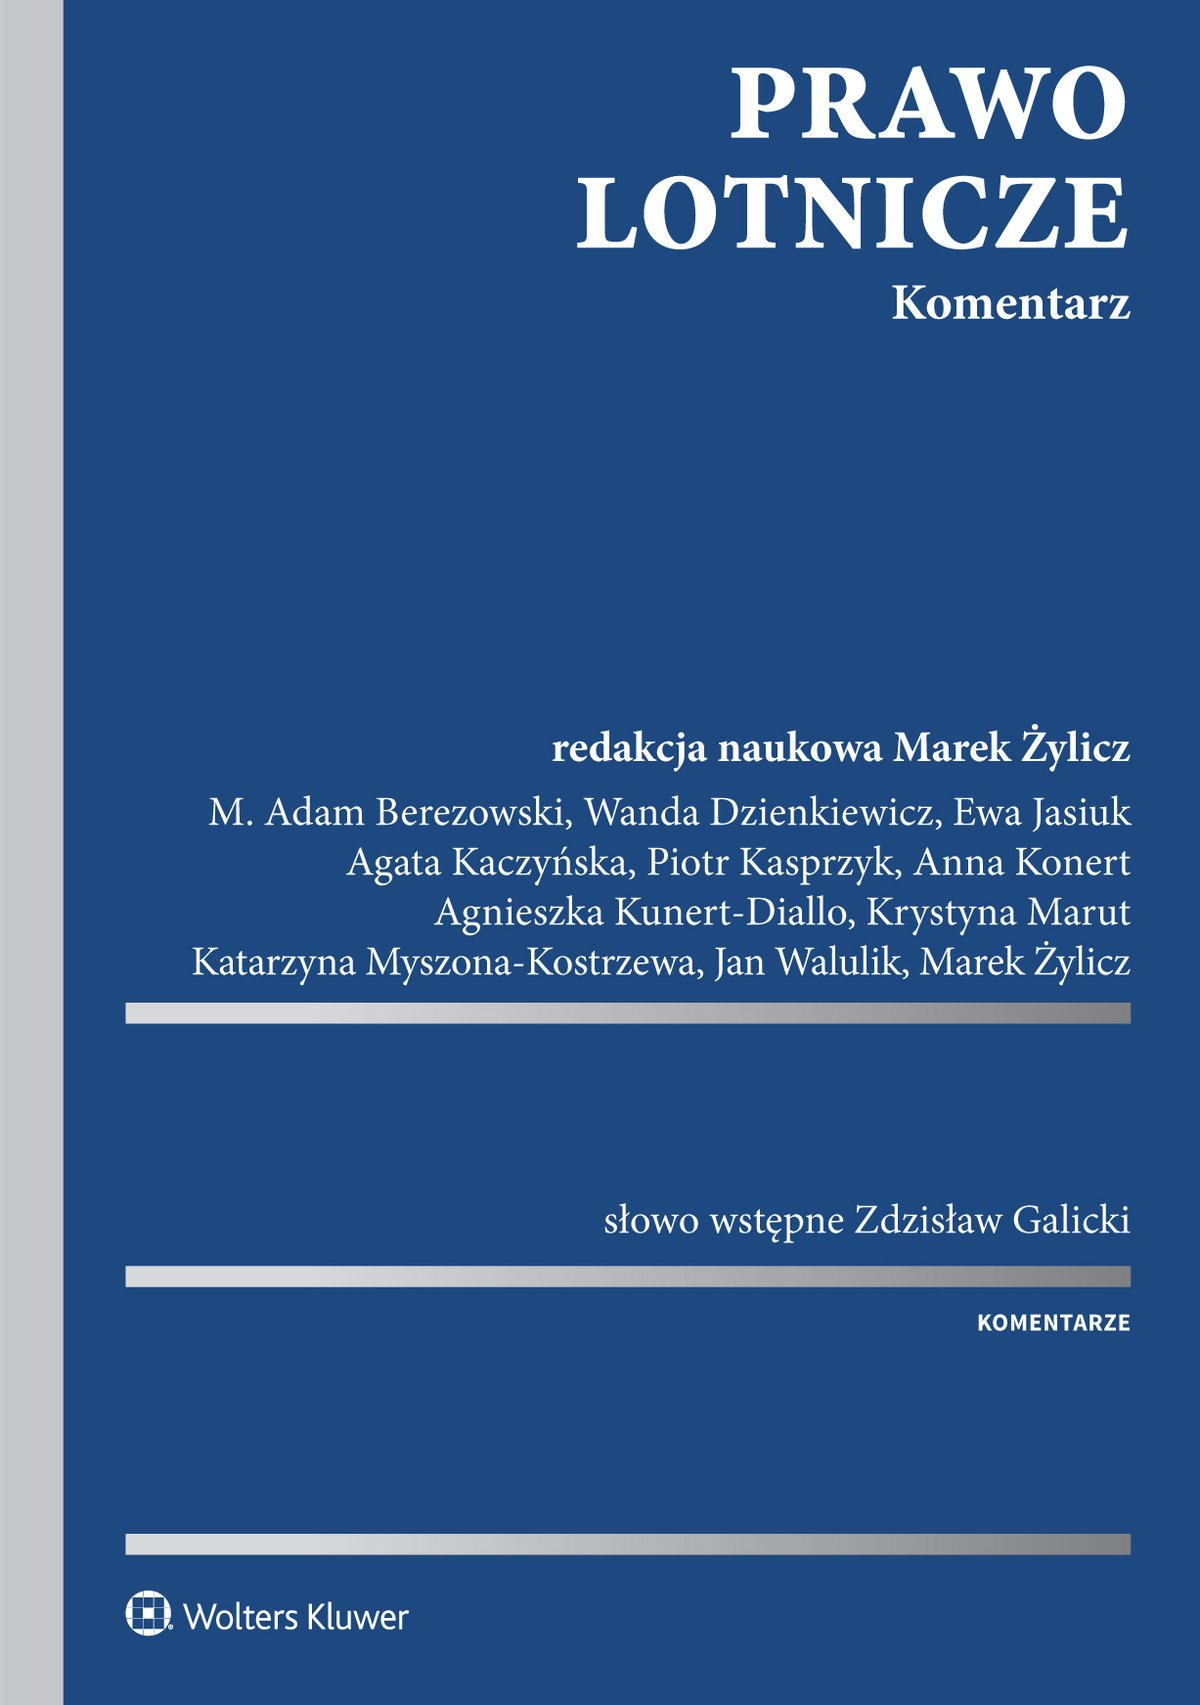 Prawo lotnicze. Komentarz - Ebook (Książka PDF) do pobrania w formacie PDF